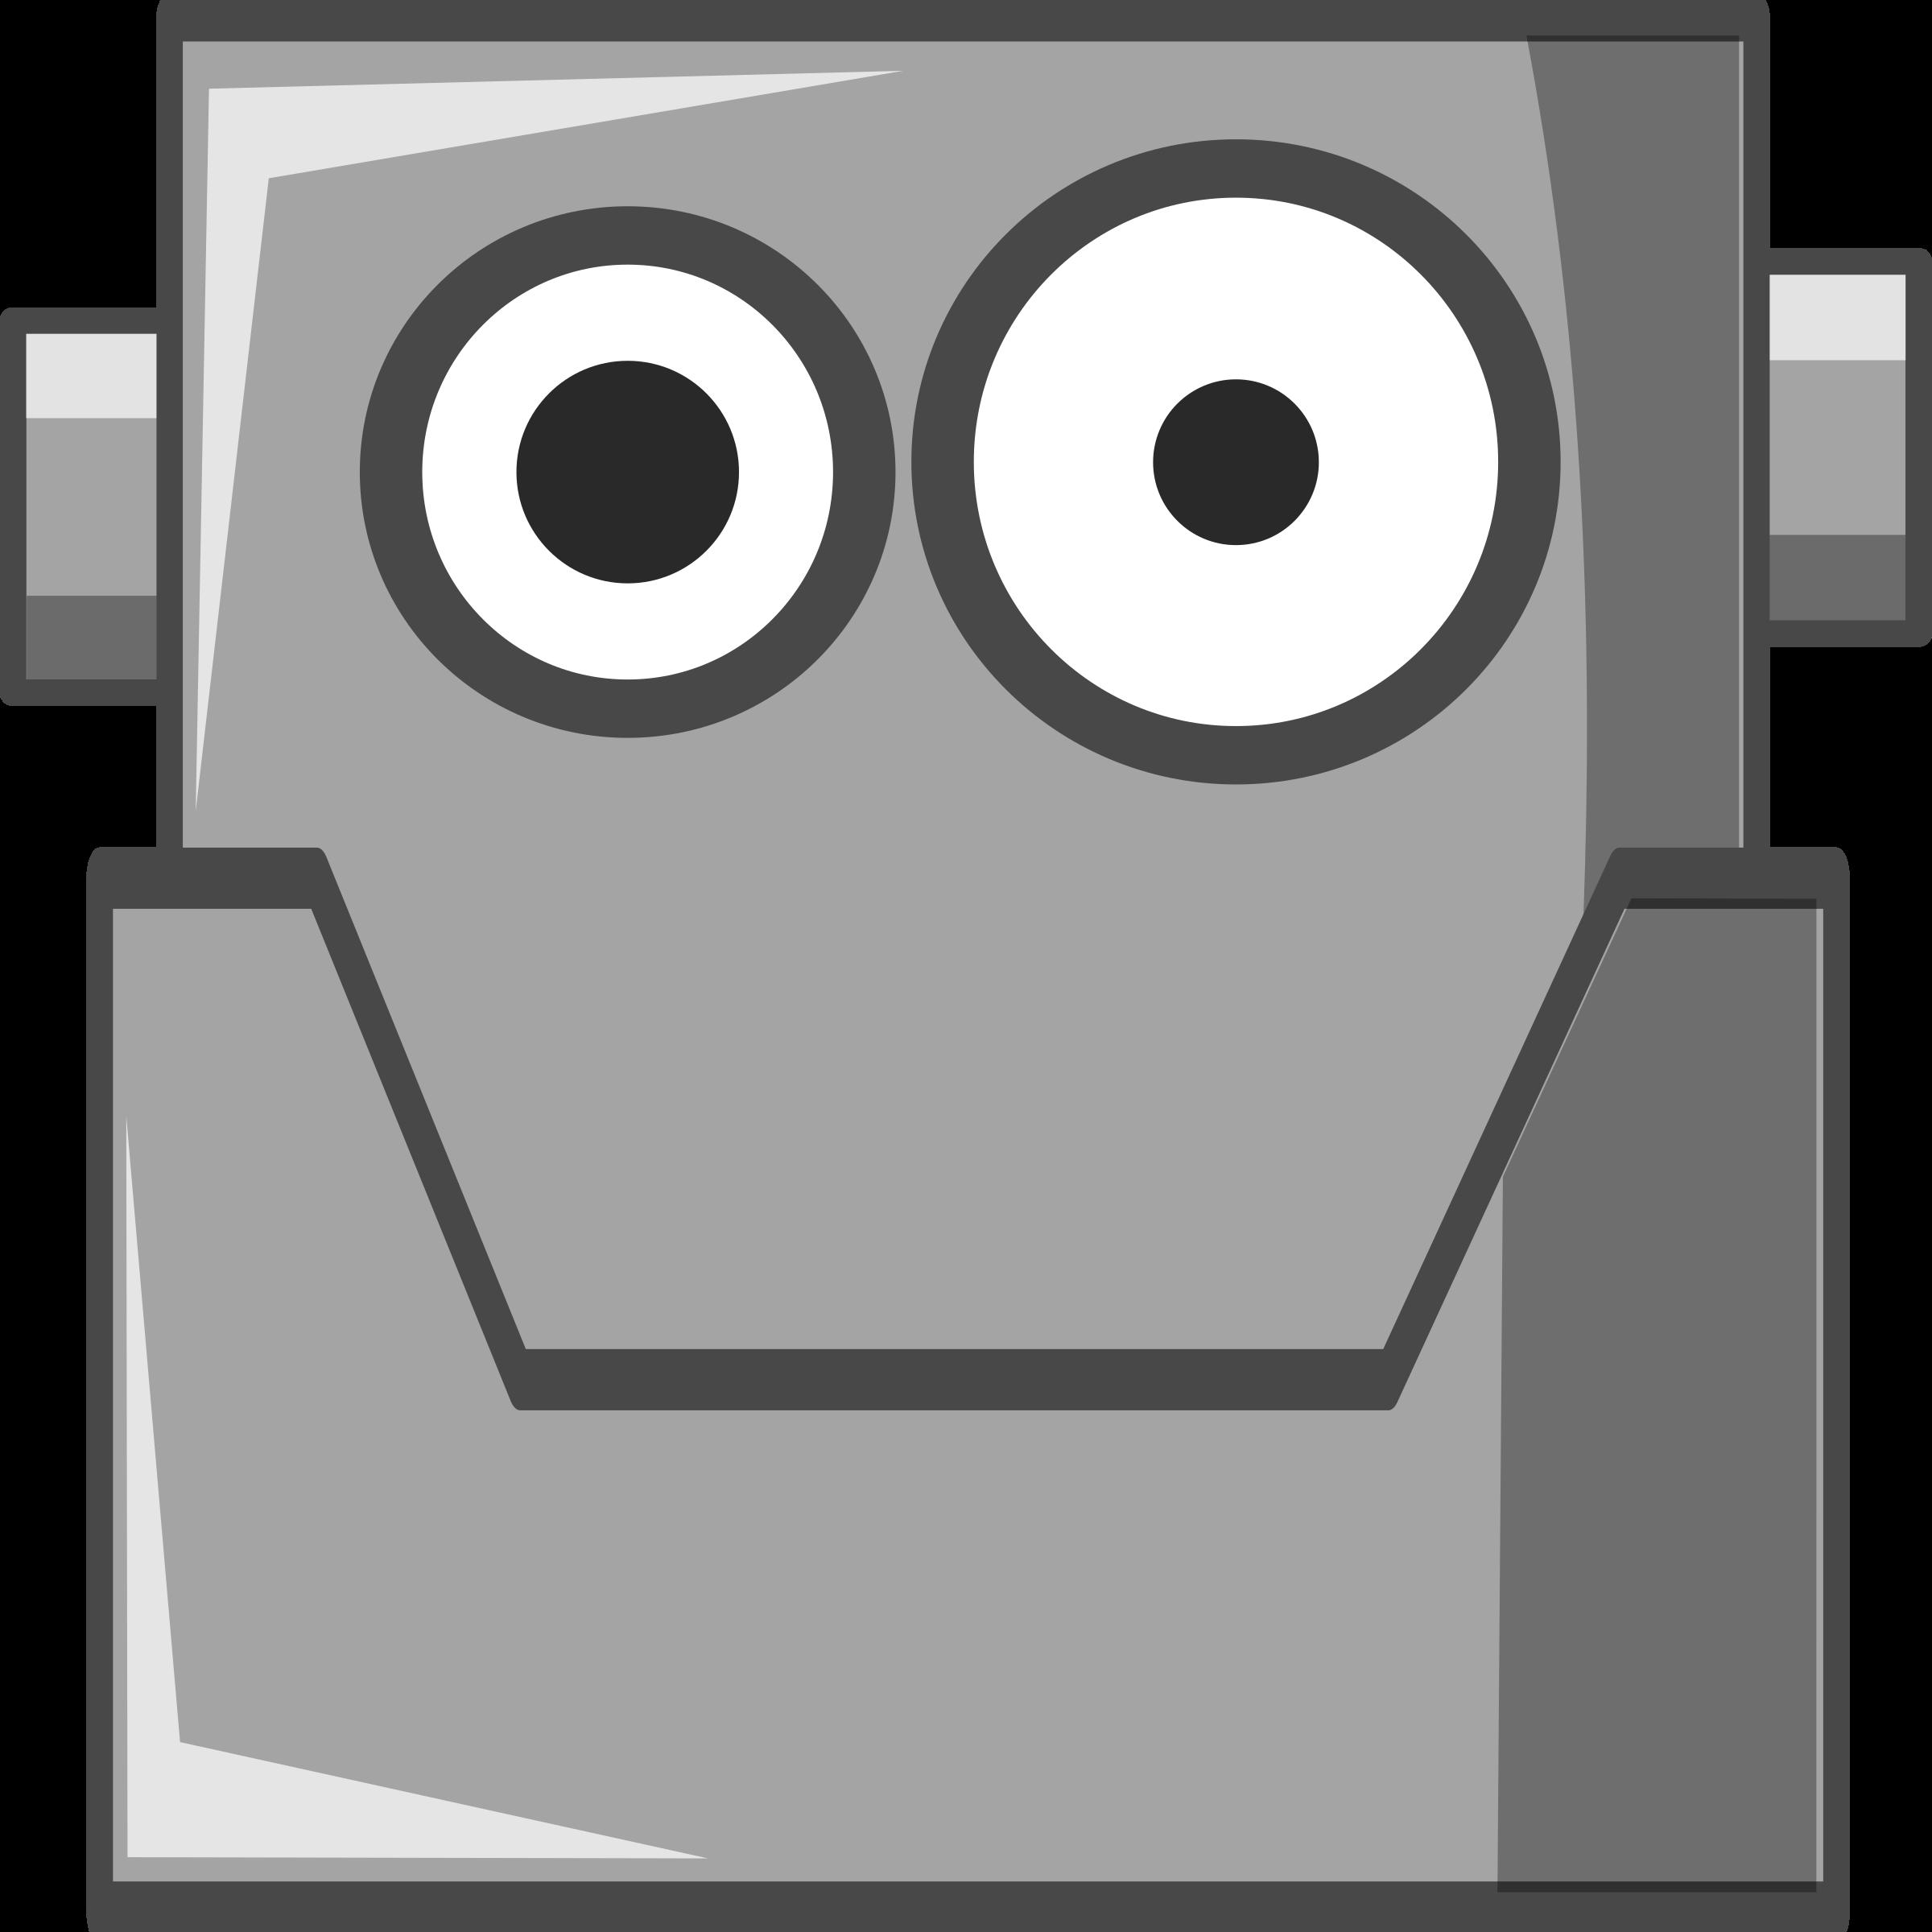 Robot clipart comic Robot Head Cute Head Robot